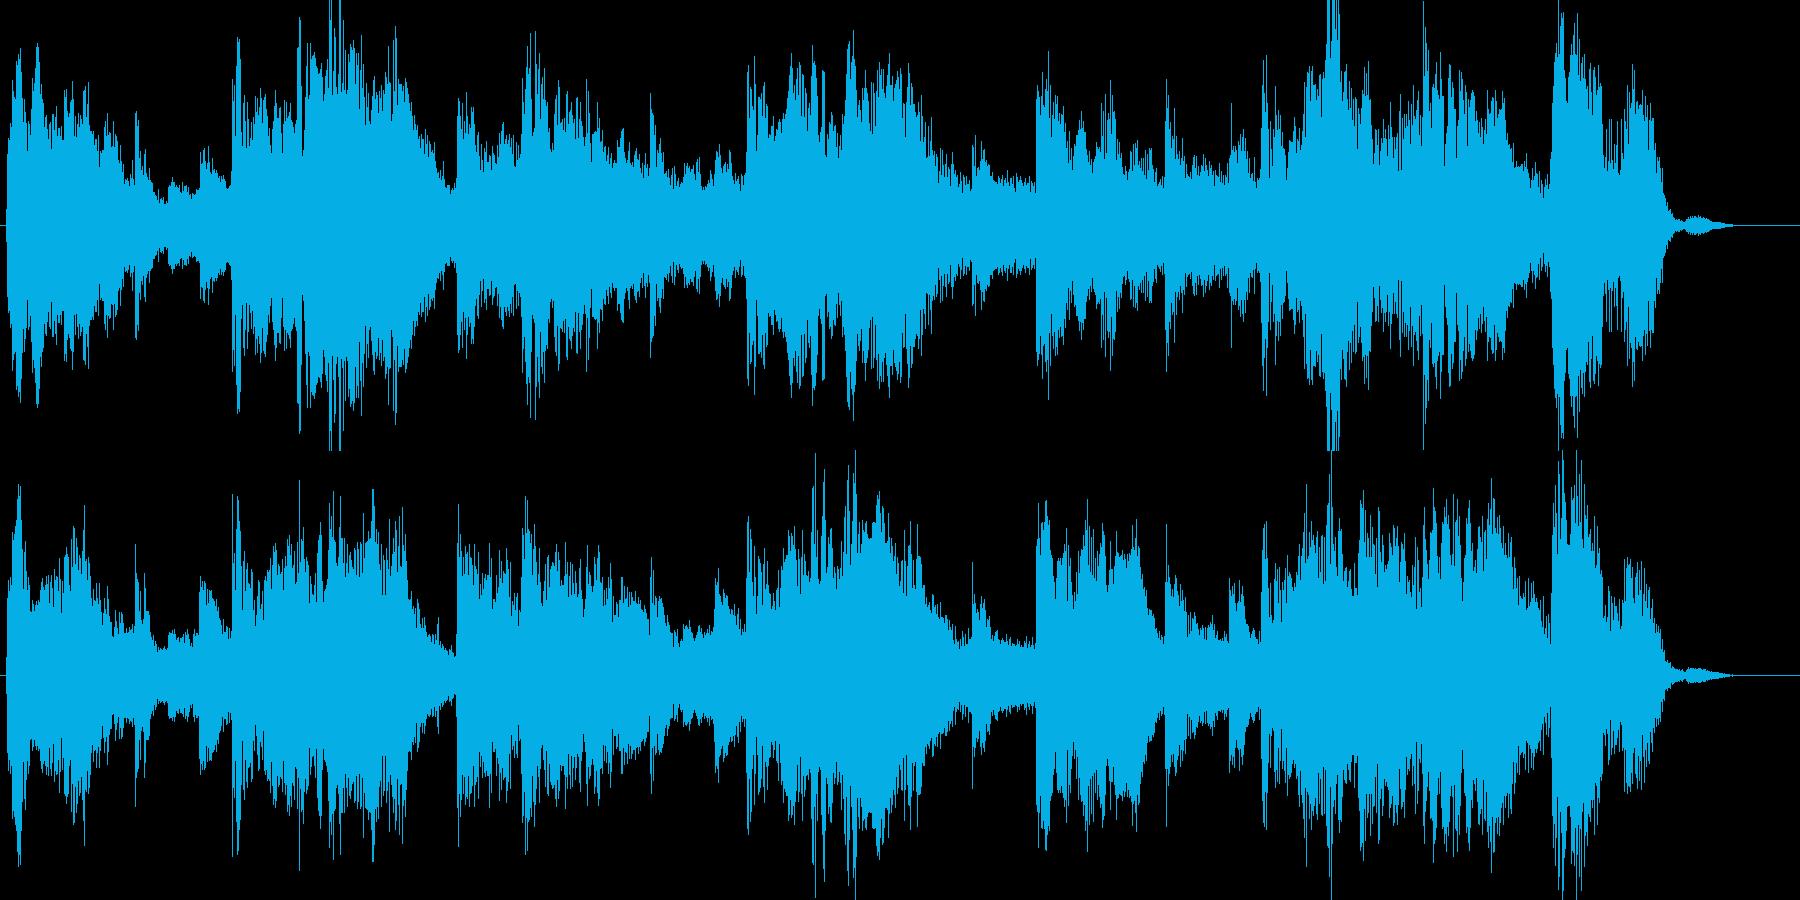 オーケストラクリスマスBGM企業VP恋人の再生済みの波形